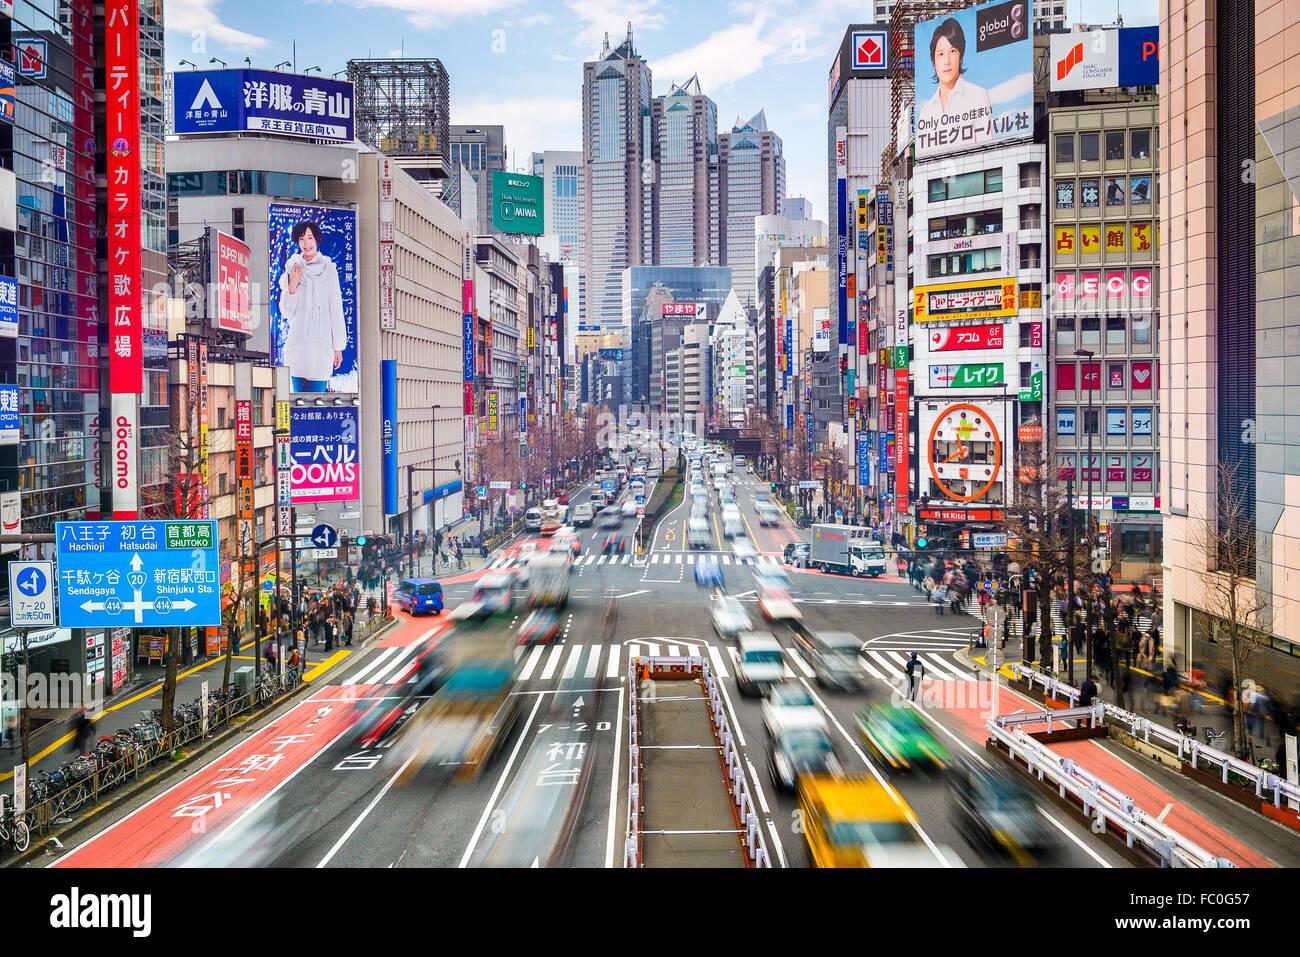 El tráfico en el barrio Shinjuku de Tokio, Japón. Imagen De Stock